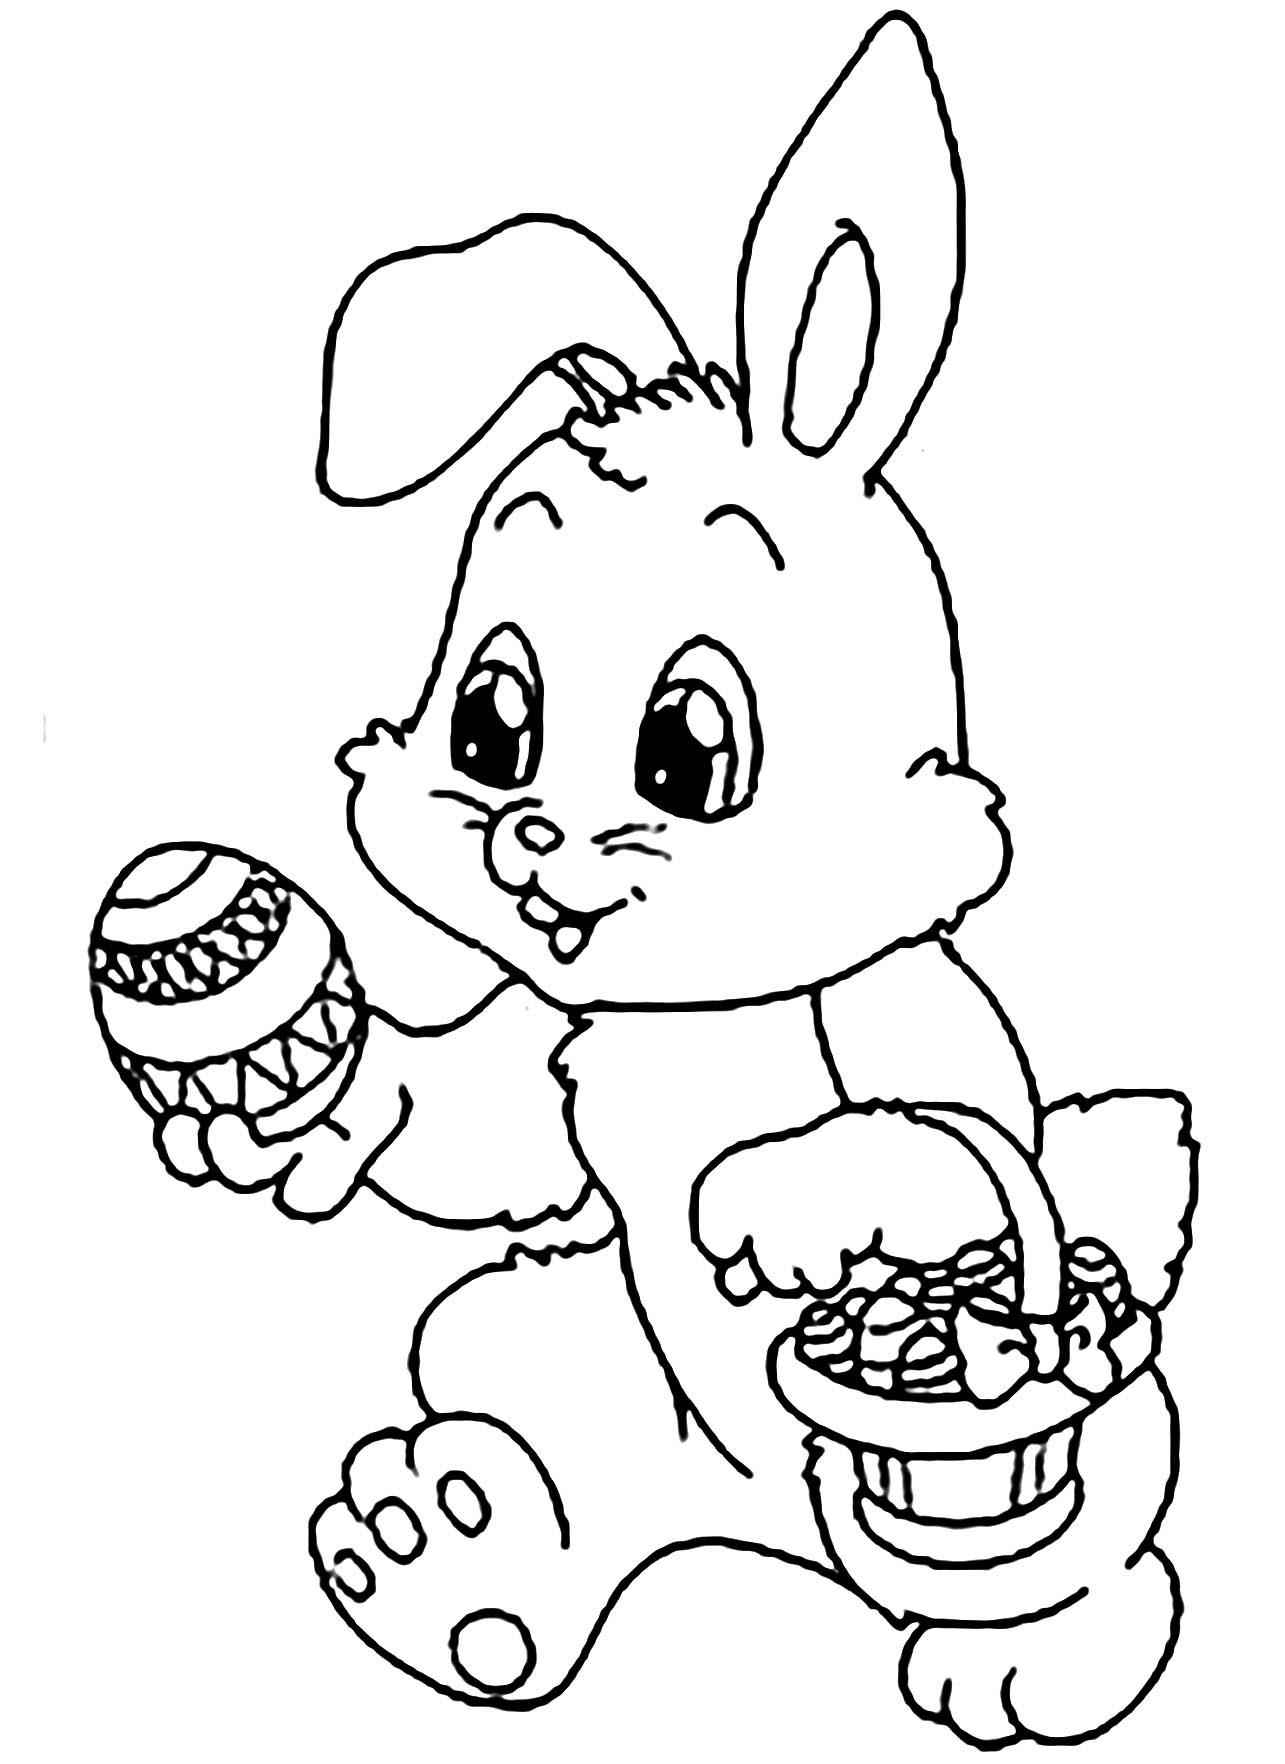 Le panier de ce petit lapin est rempli d'oeufs !